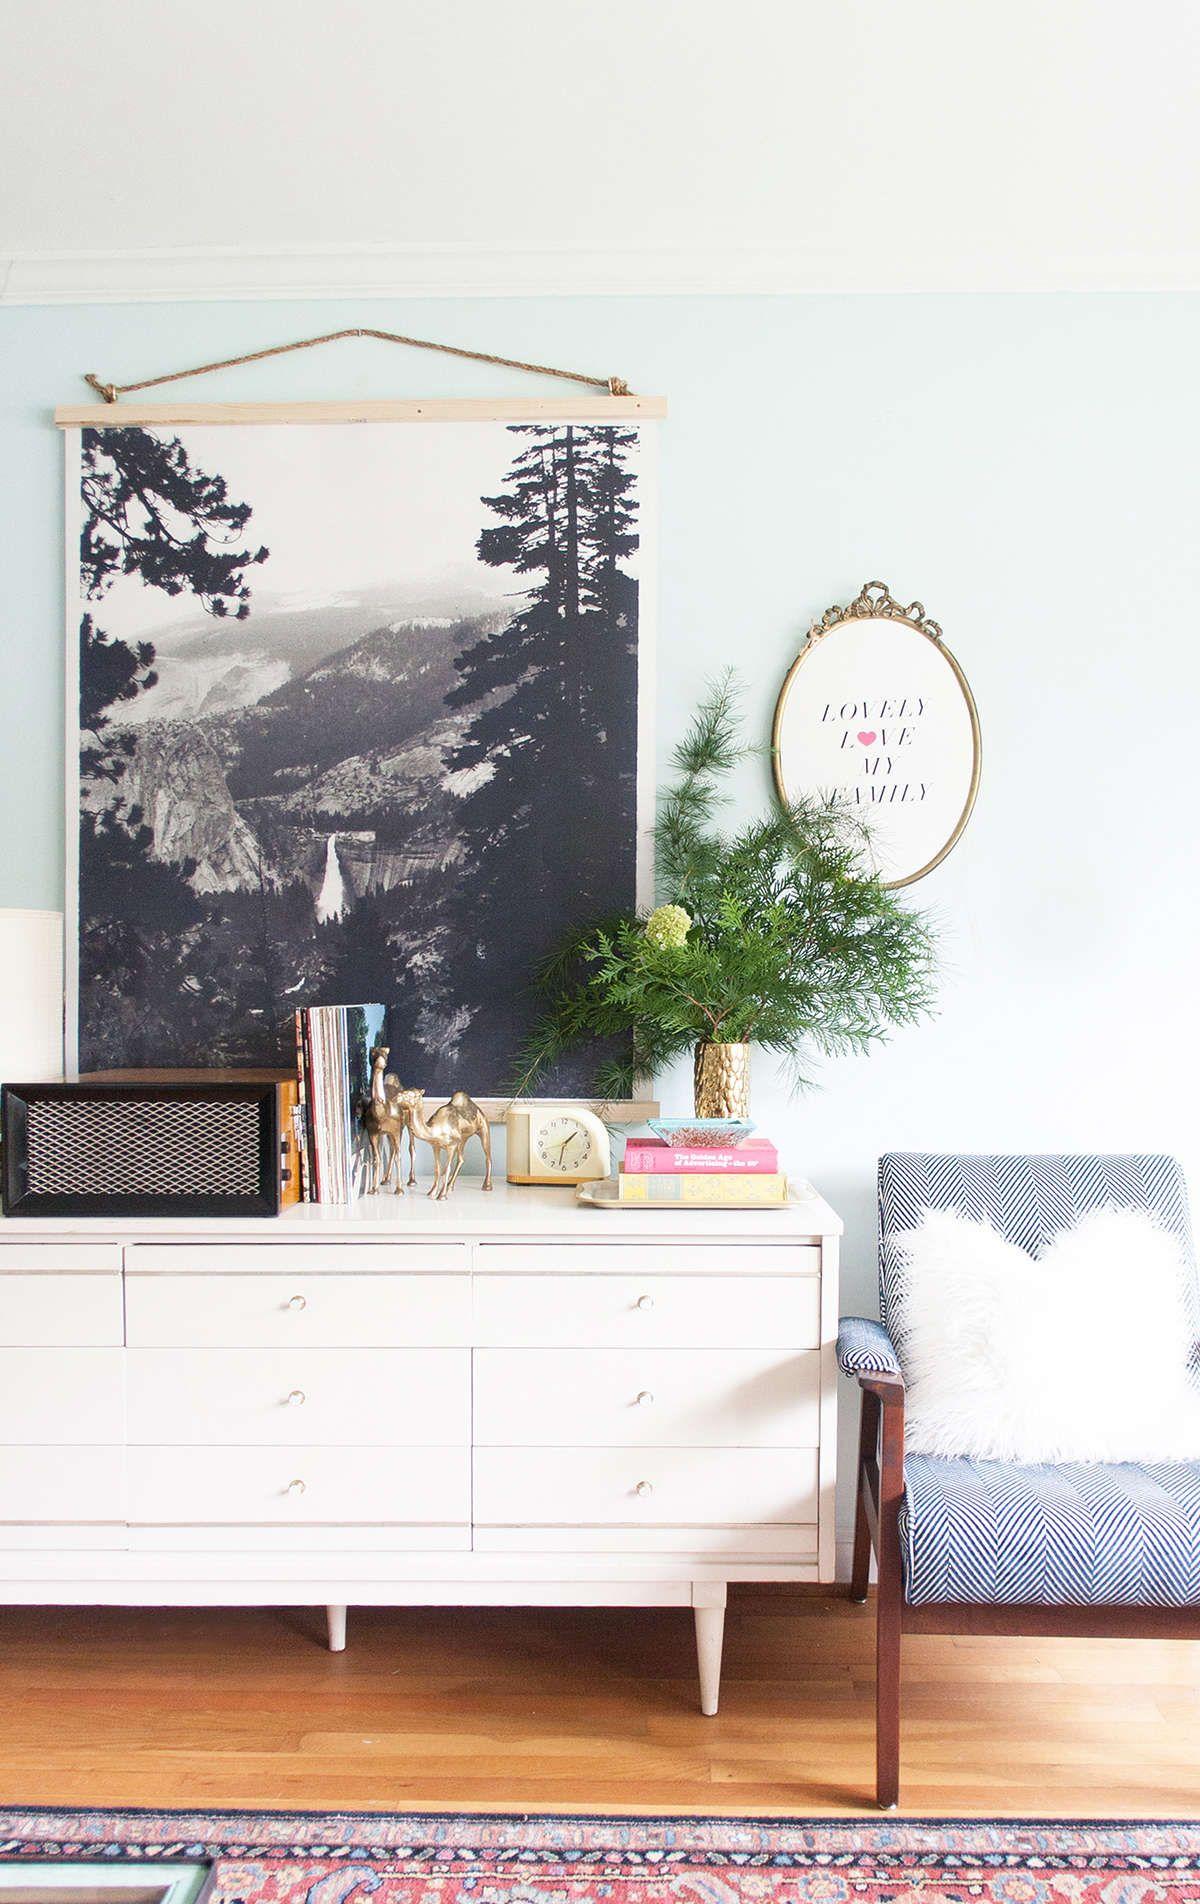 Ein rahmen zu hause design-ideen black white and wild  home decor  design ideas  pinterest